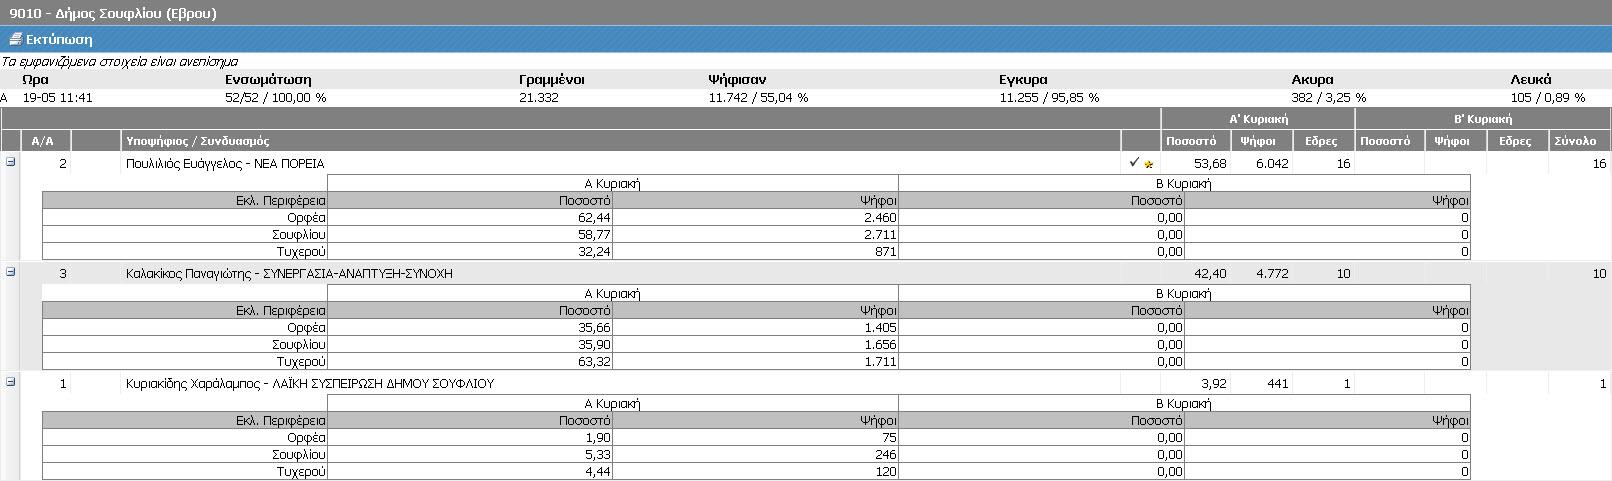 Δήμος Σουφλίου (Τελικά ΥΠΕΣ, Α' Κυριακή 18/5/2014 - αποτελέσματα 19/5/2014 11:41)